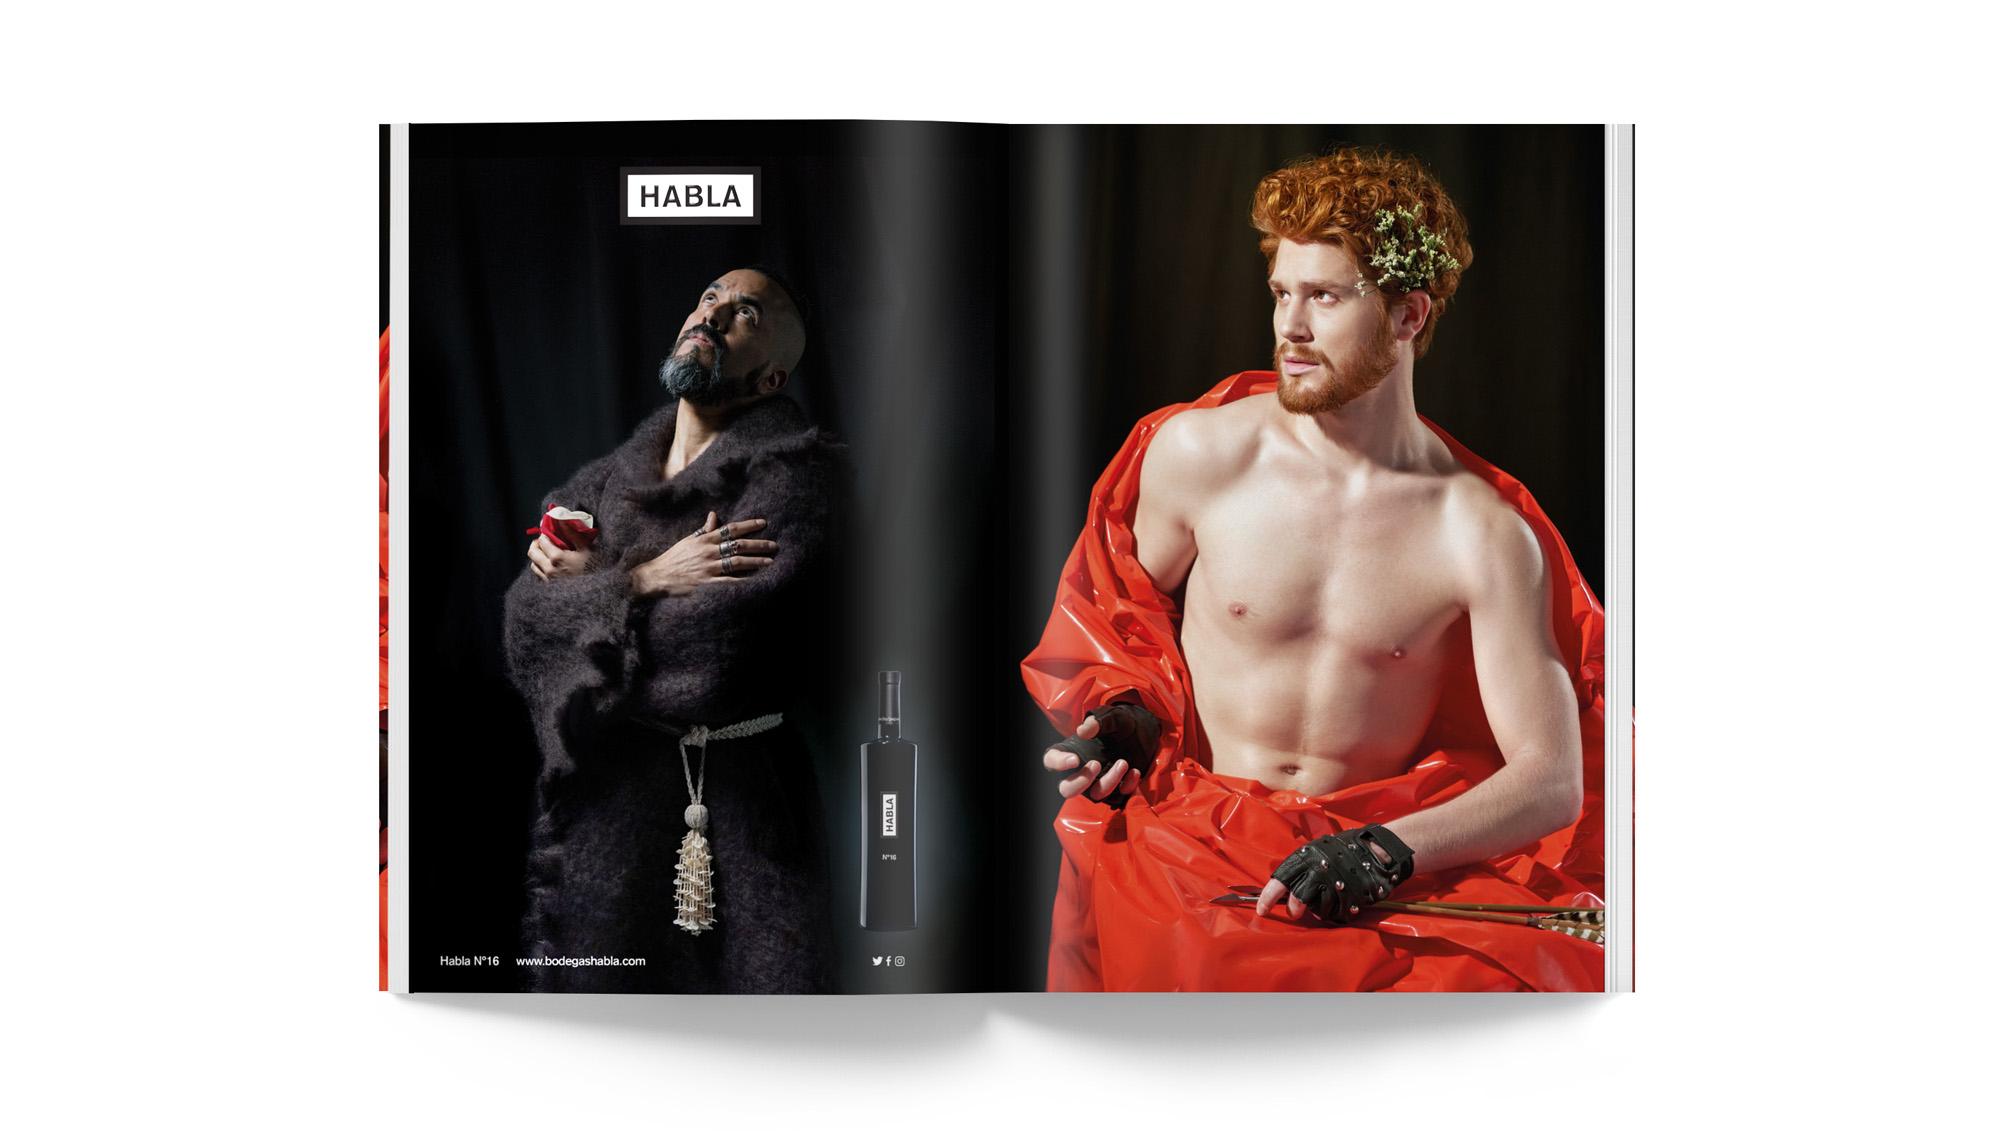 diseño de los vinos Habla - Valentín Iglesias - Publicidad Bodegas Habla revistas